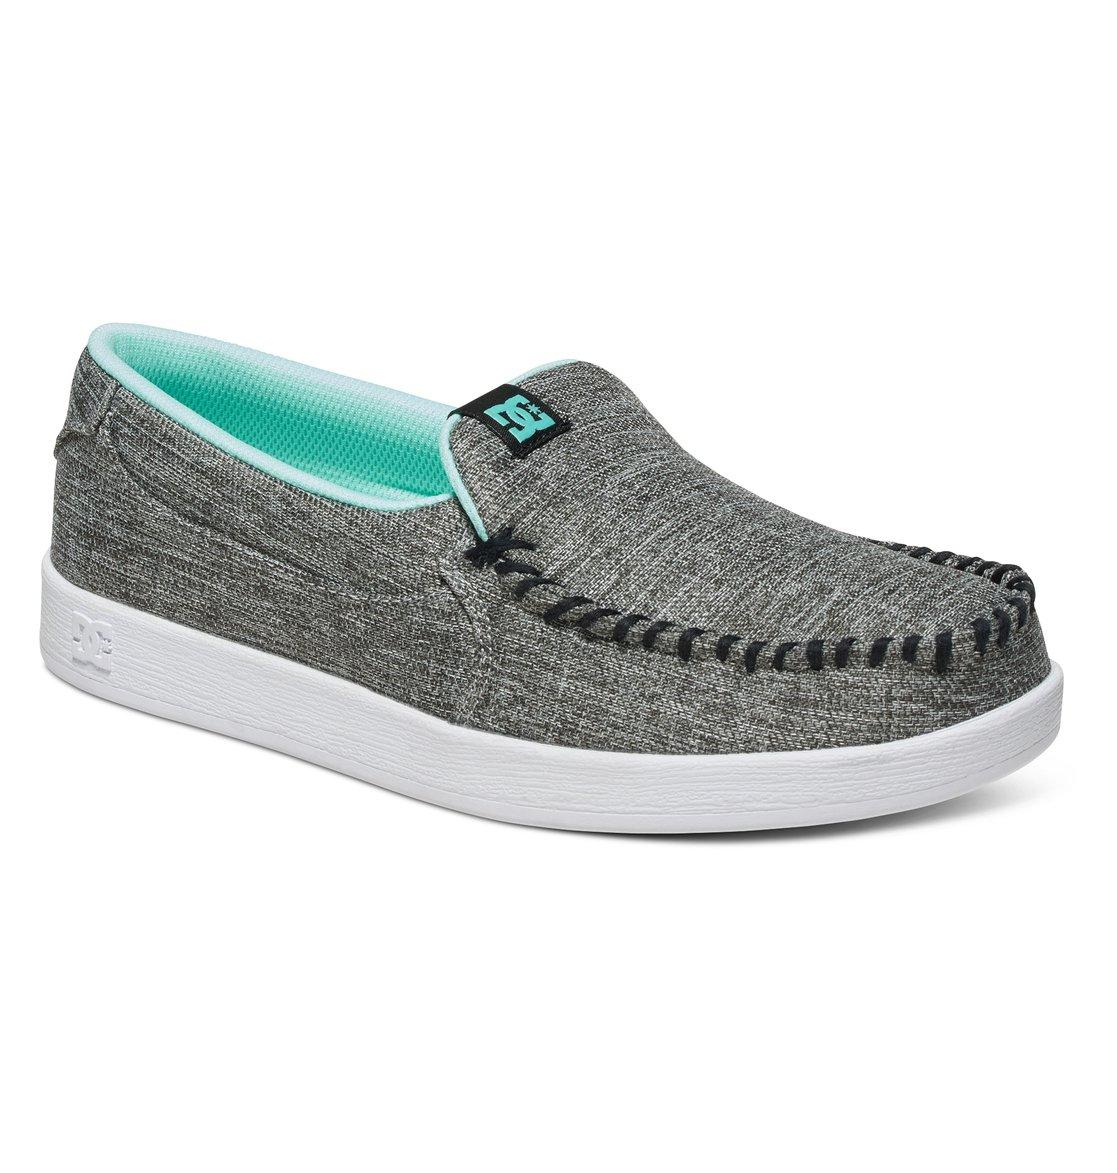 s villain tx se slip on shoes adjs100080 dc shoes